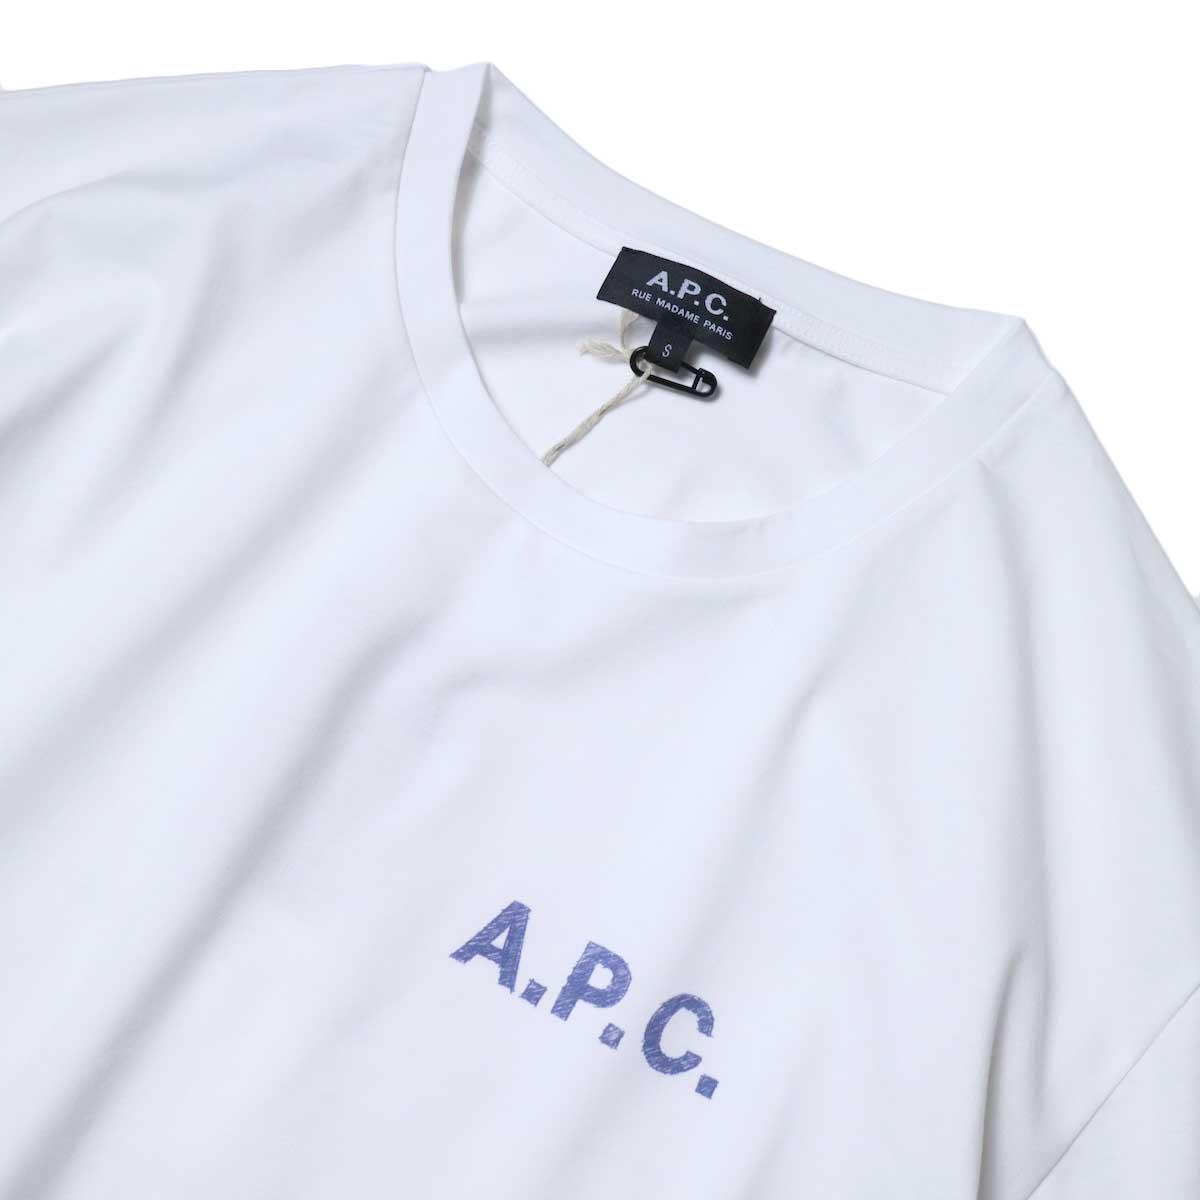 A.P.C. / Judy Tシャツ (White) フロント